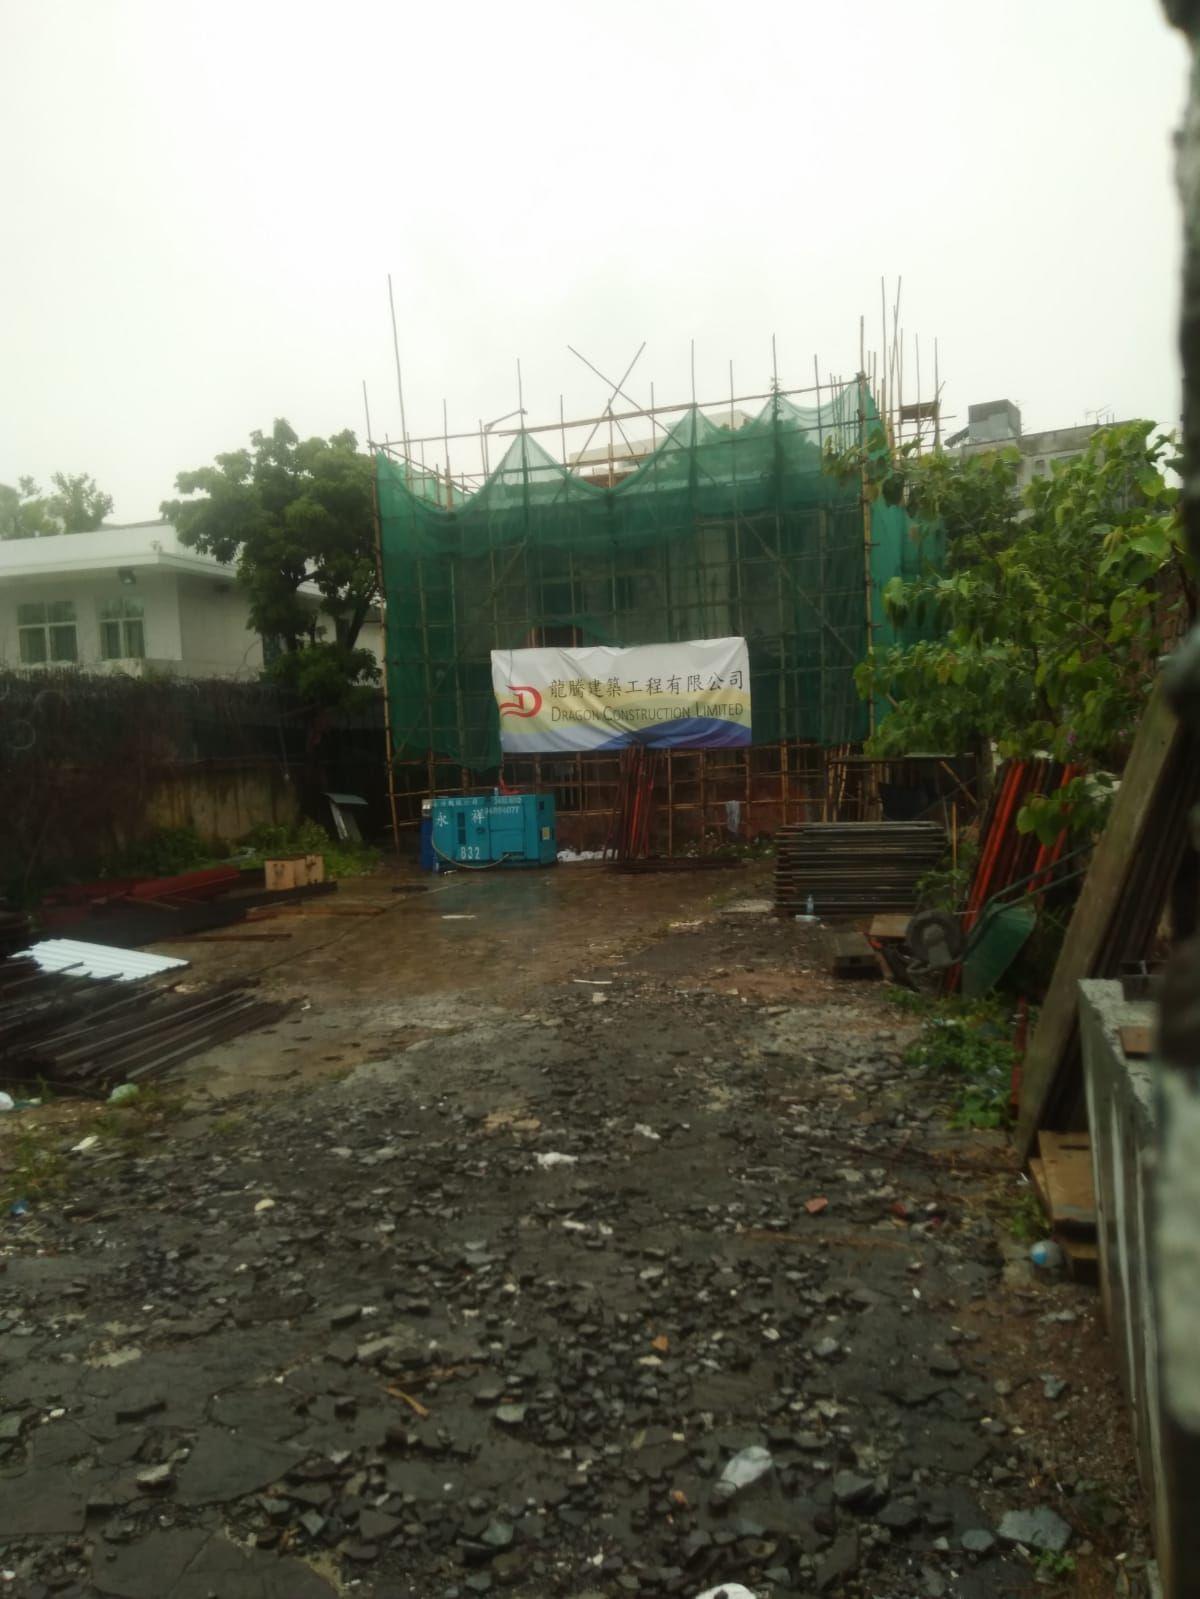 李小龍故居獲批重建1幢2層高住宅